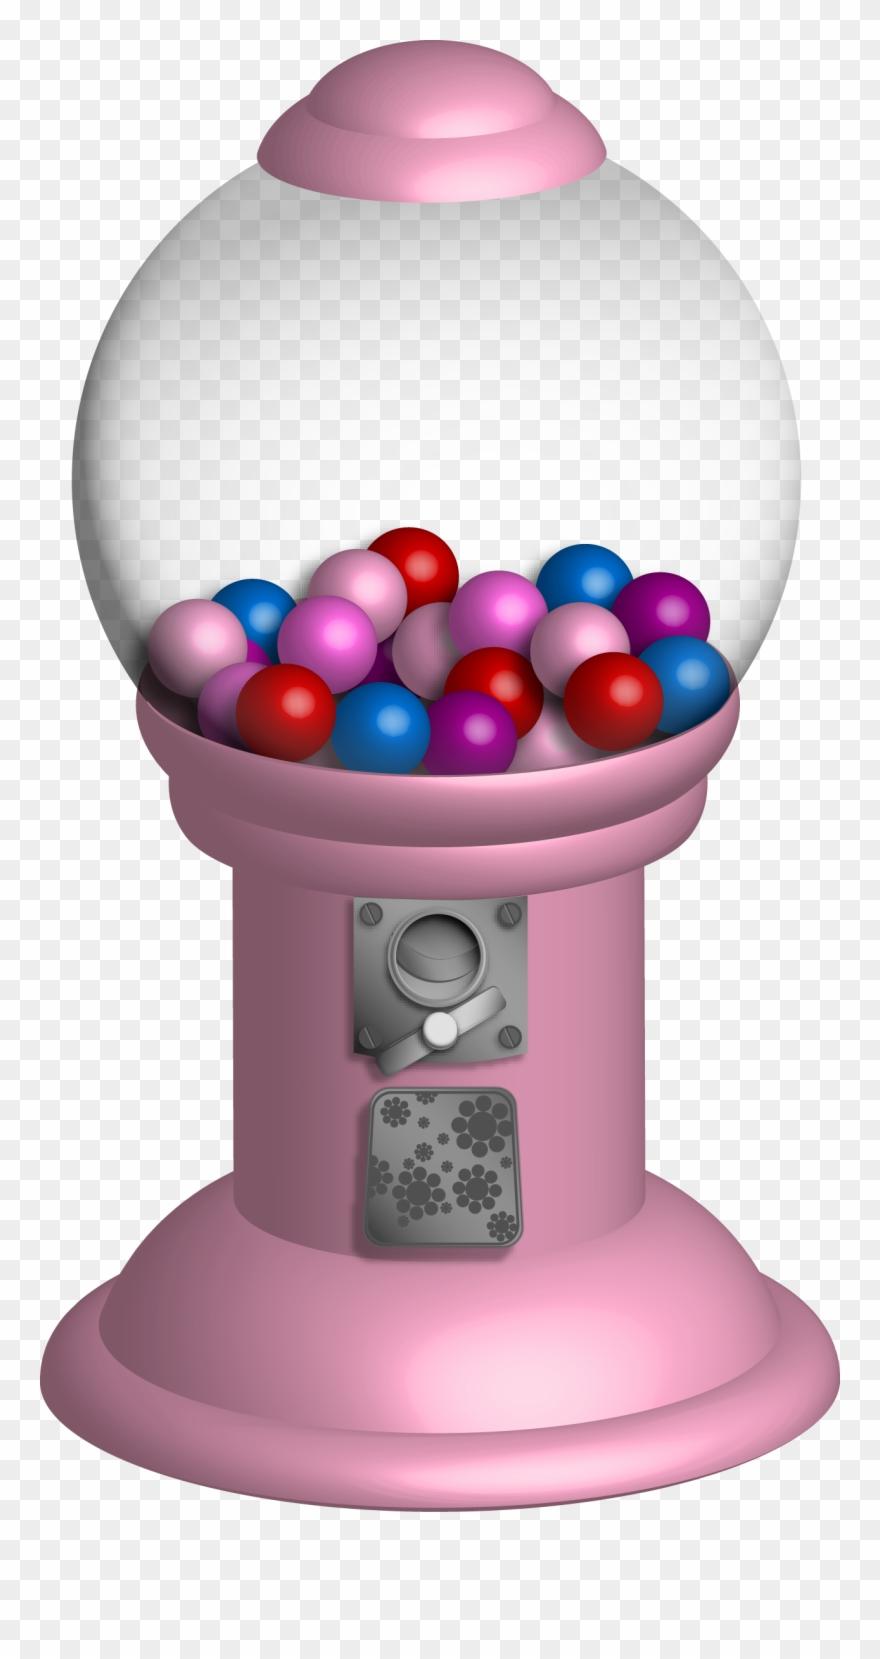 Free transparent light pink gum bubble clipart clip download Download Pink - Bubble Gum Machine Transparent Clipart (#2150442 ... clip download